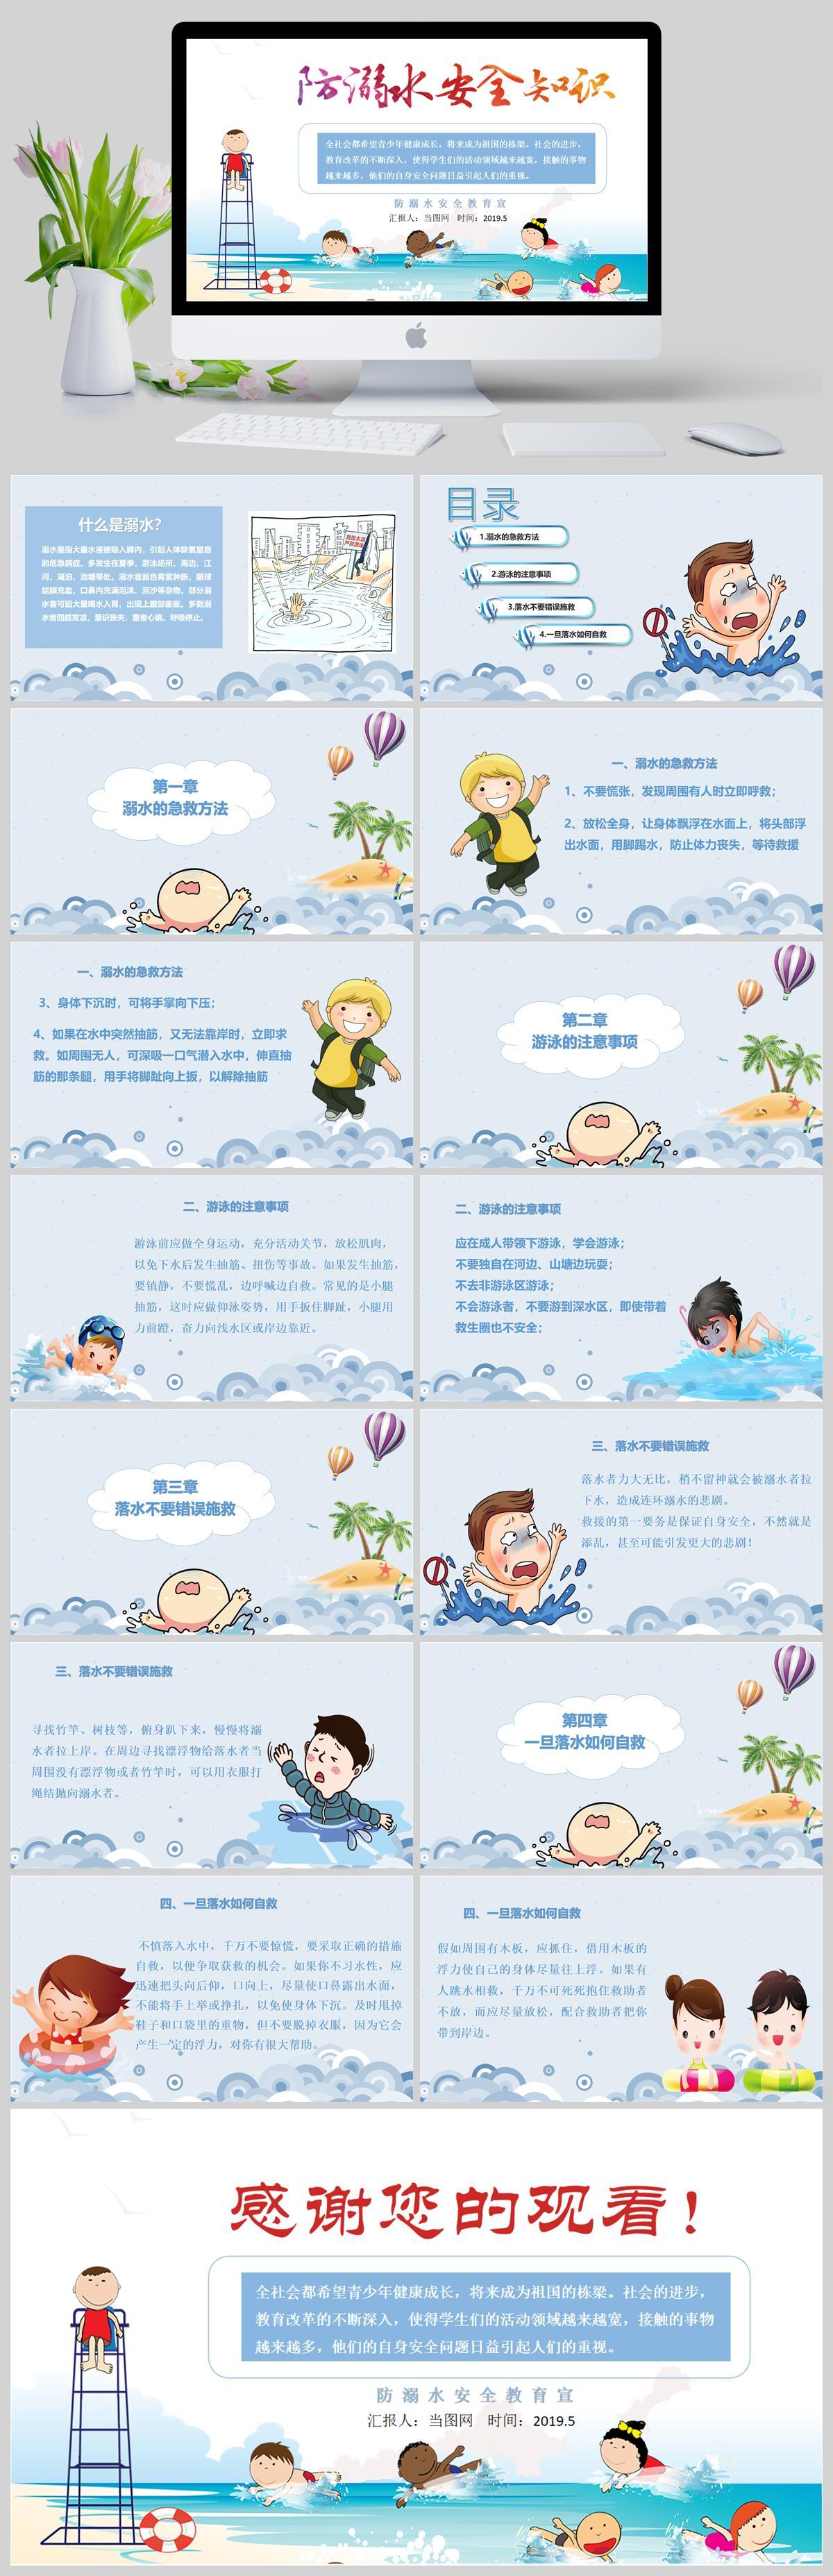 卡通校园防溺水安全教育宣传PPT亚博体育主页